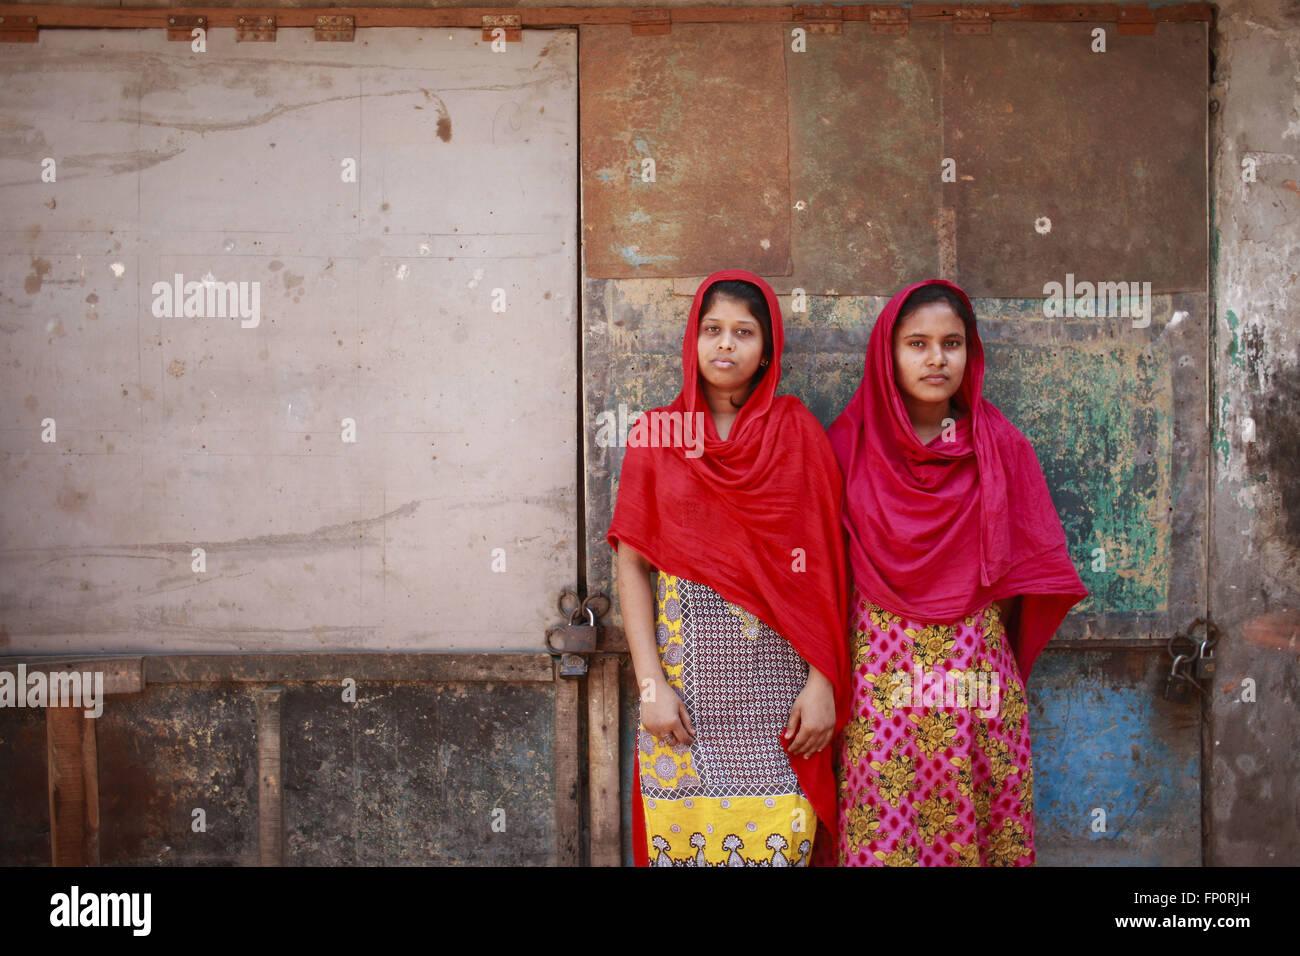 Girl dhaka yaba in 2 held